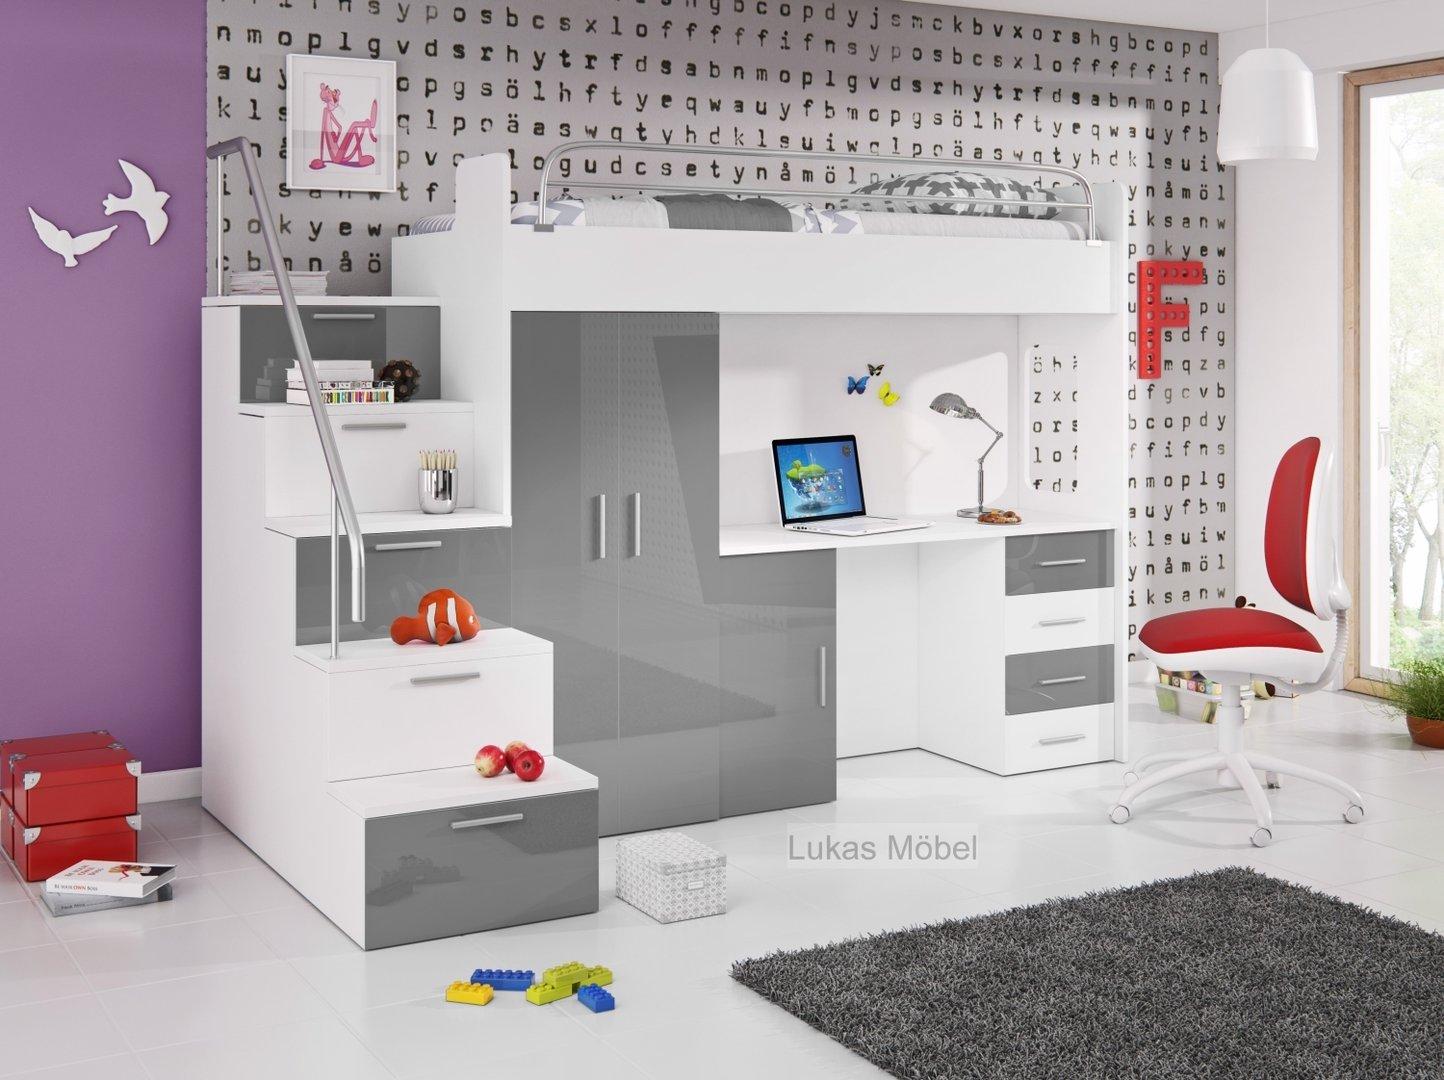 Hochglanz Etagenbett Alex : Hochglanz etagenbett doppelbett alex möbel für dich